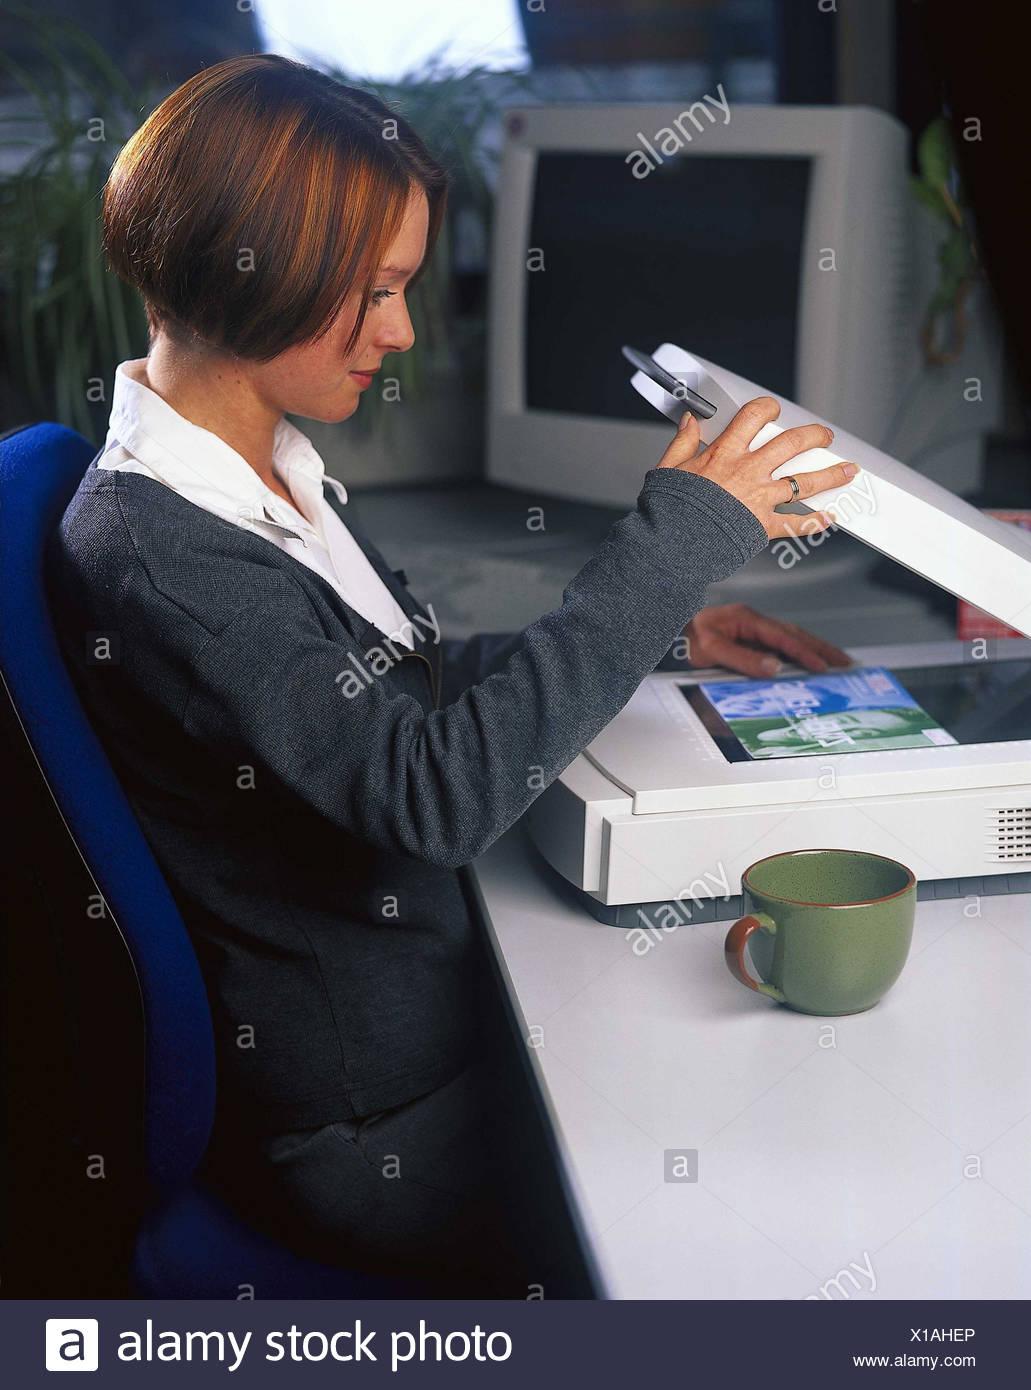 Scrivania donna giovane schermo piatto scanner modello for Ufficio lavoro